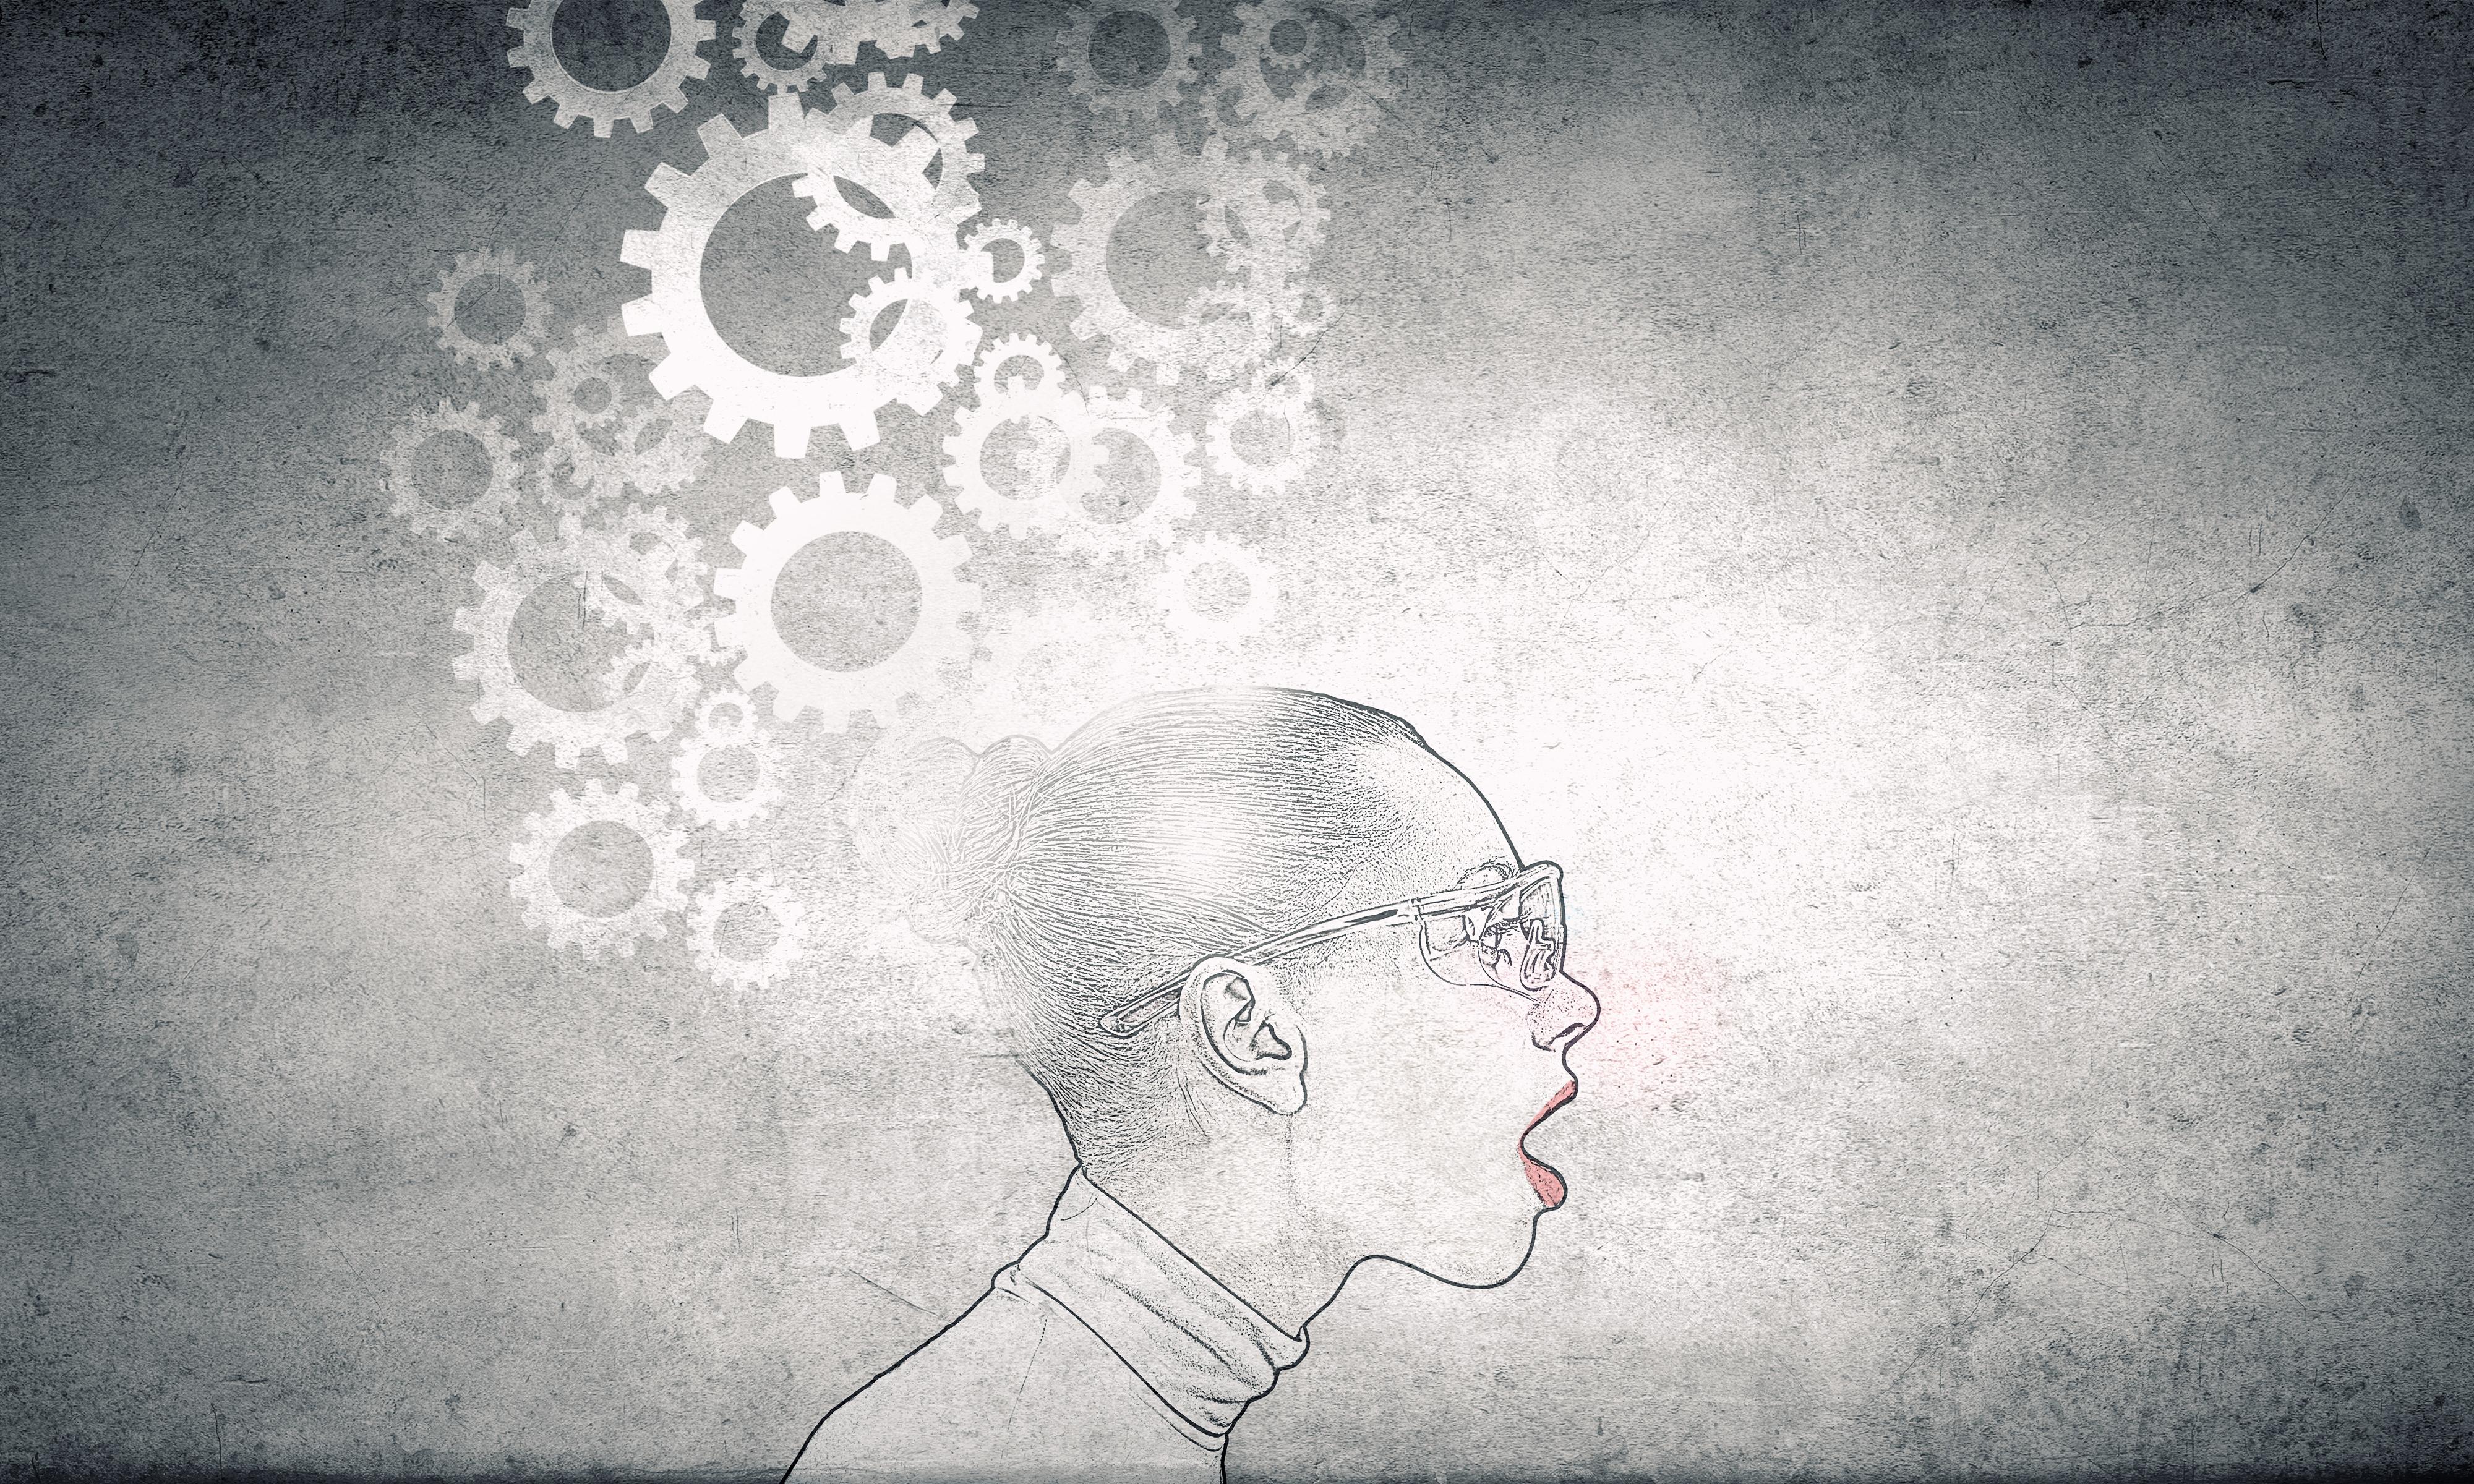 大数据应用的发展:从搜索引擎到人工智能